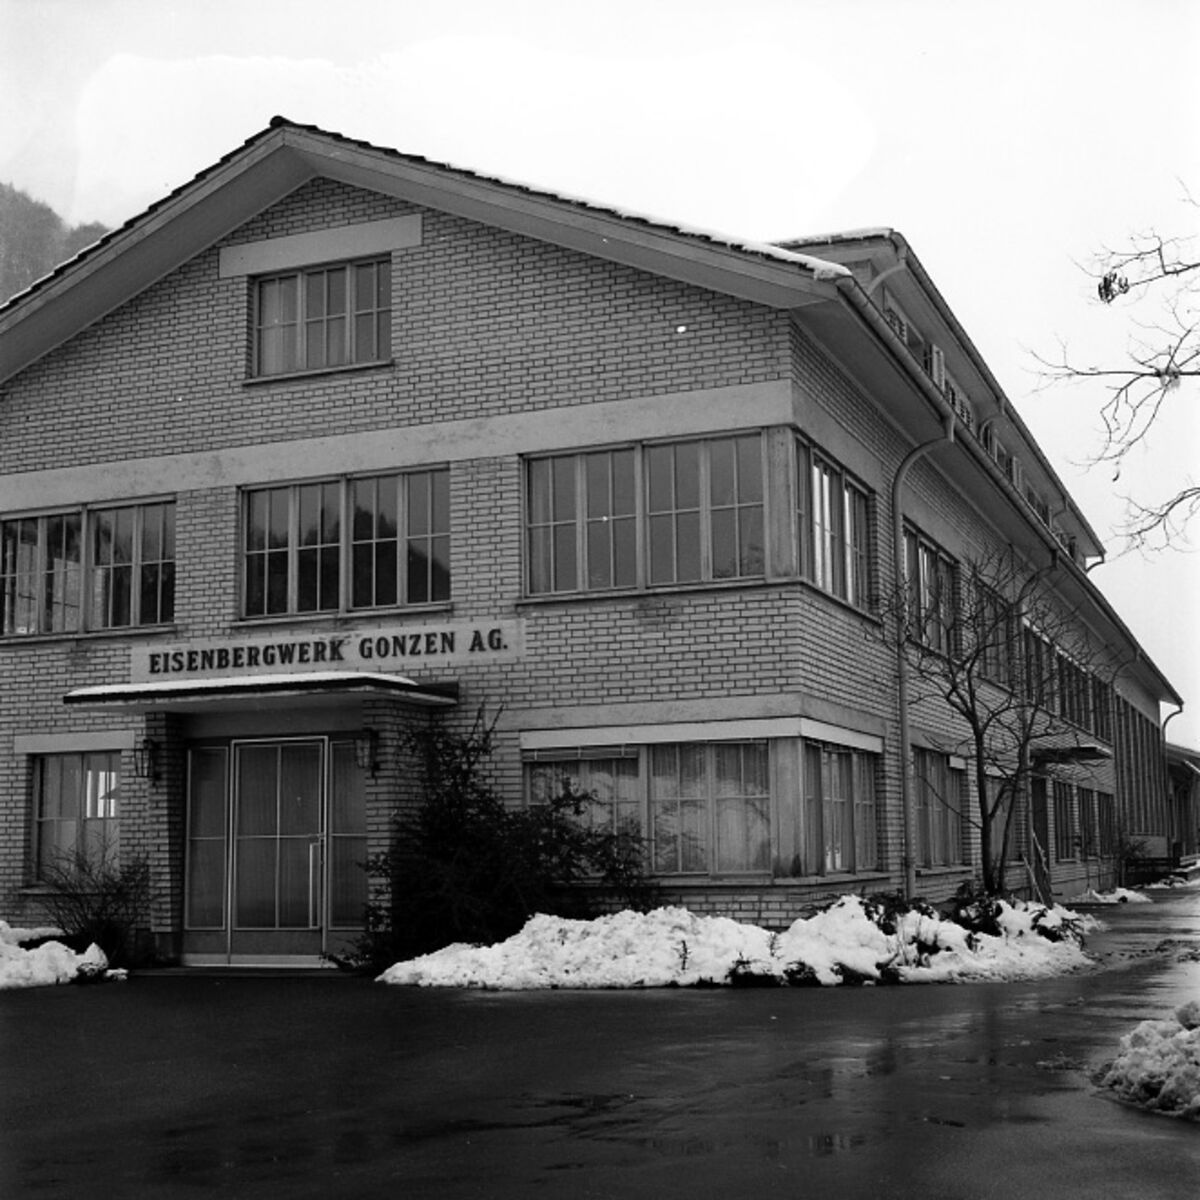 GFA 17/650173.30: Reportage Eisenbergwerk Gonzen